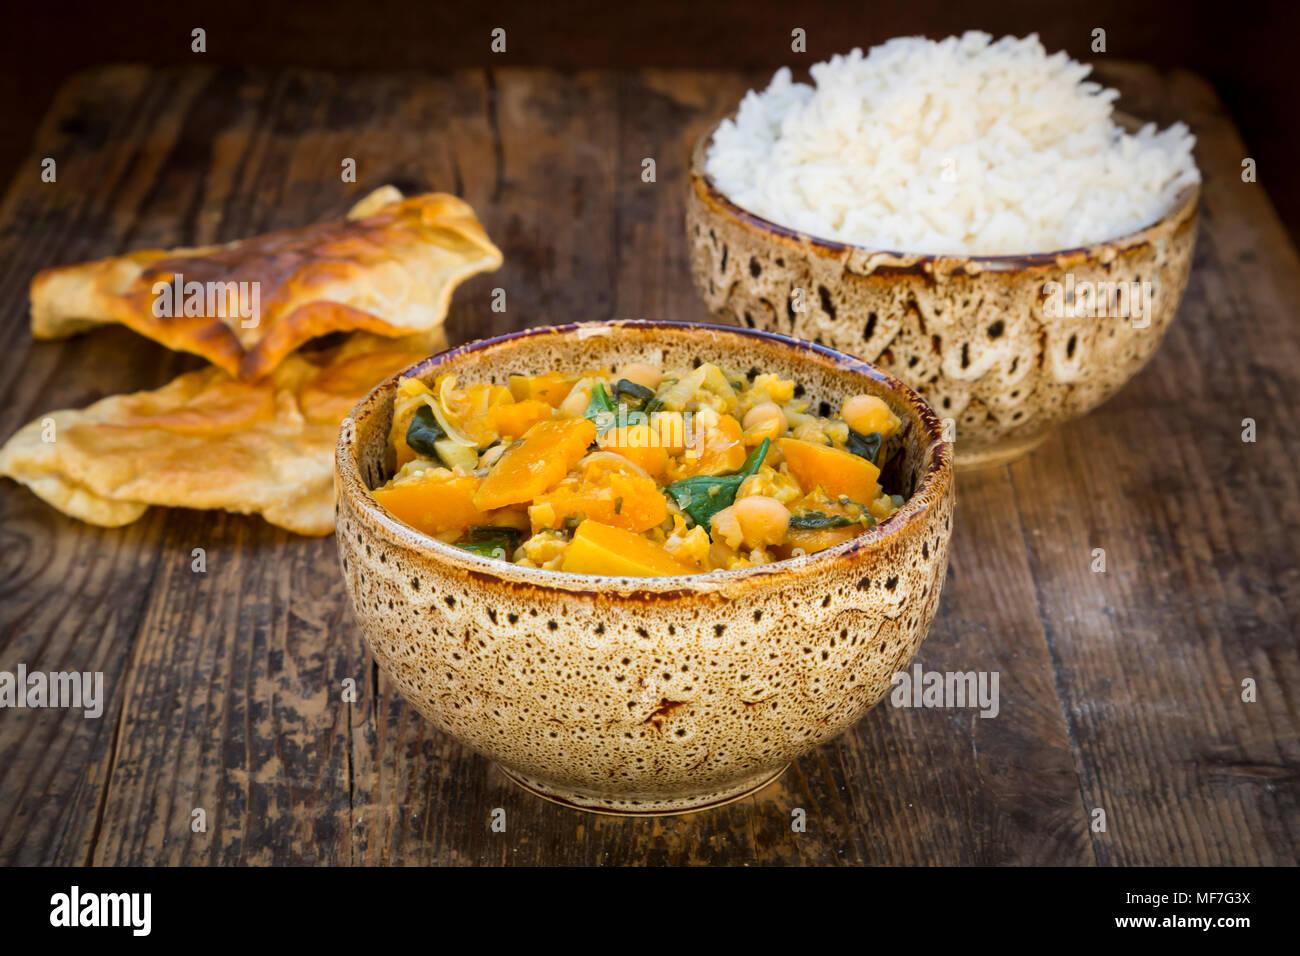 Piatto di curry con cavolfiore, butternut zucca, spinaci e coriandolo, papadam e riso Immagini Stock